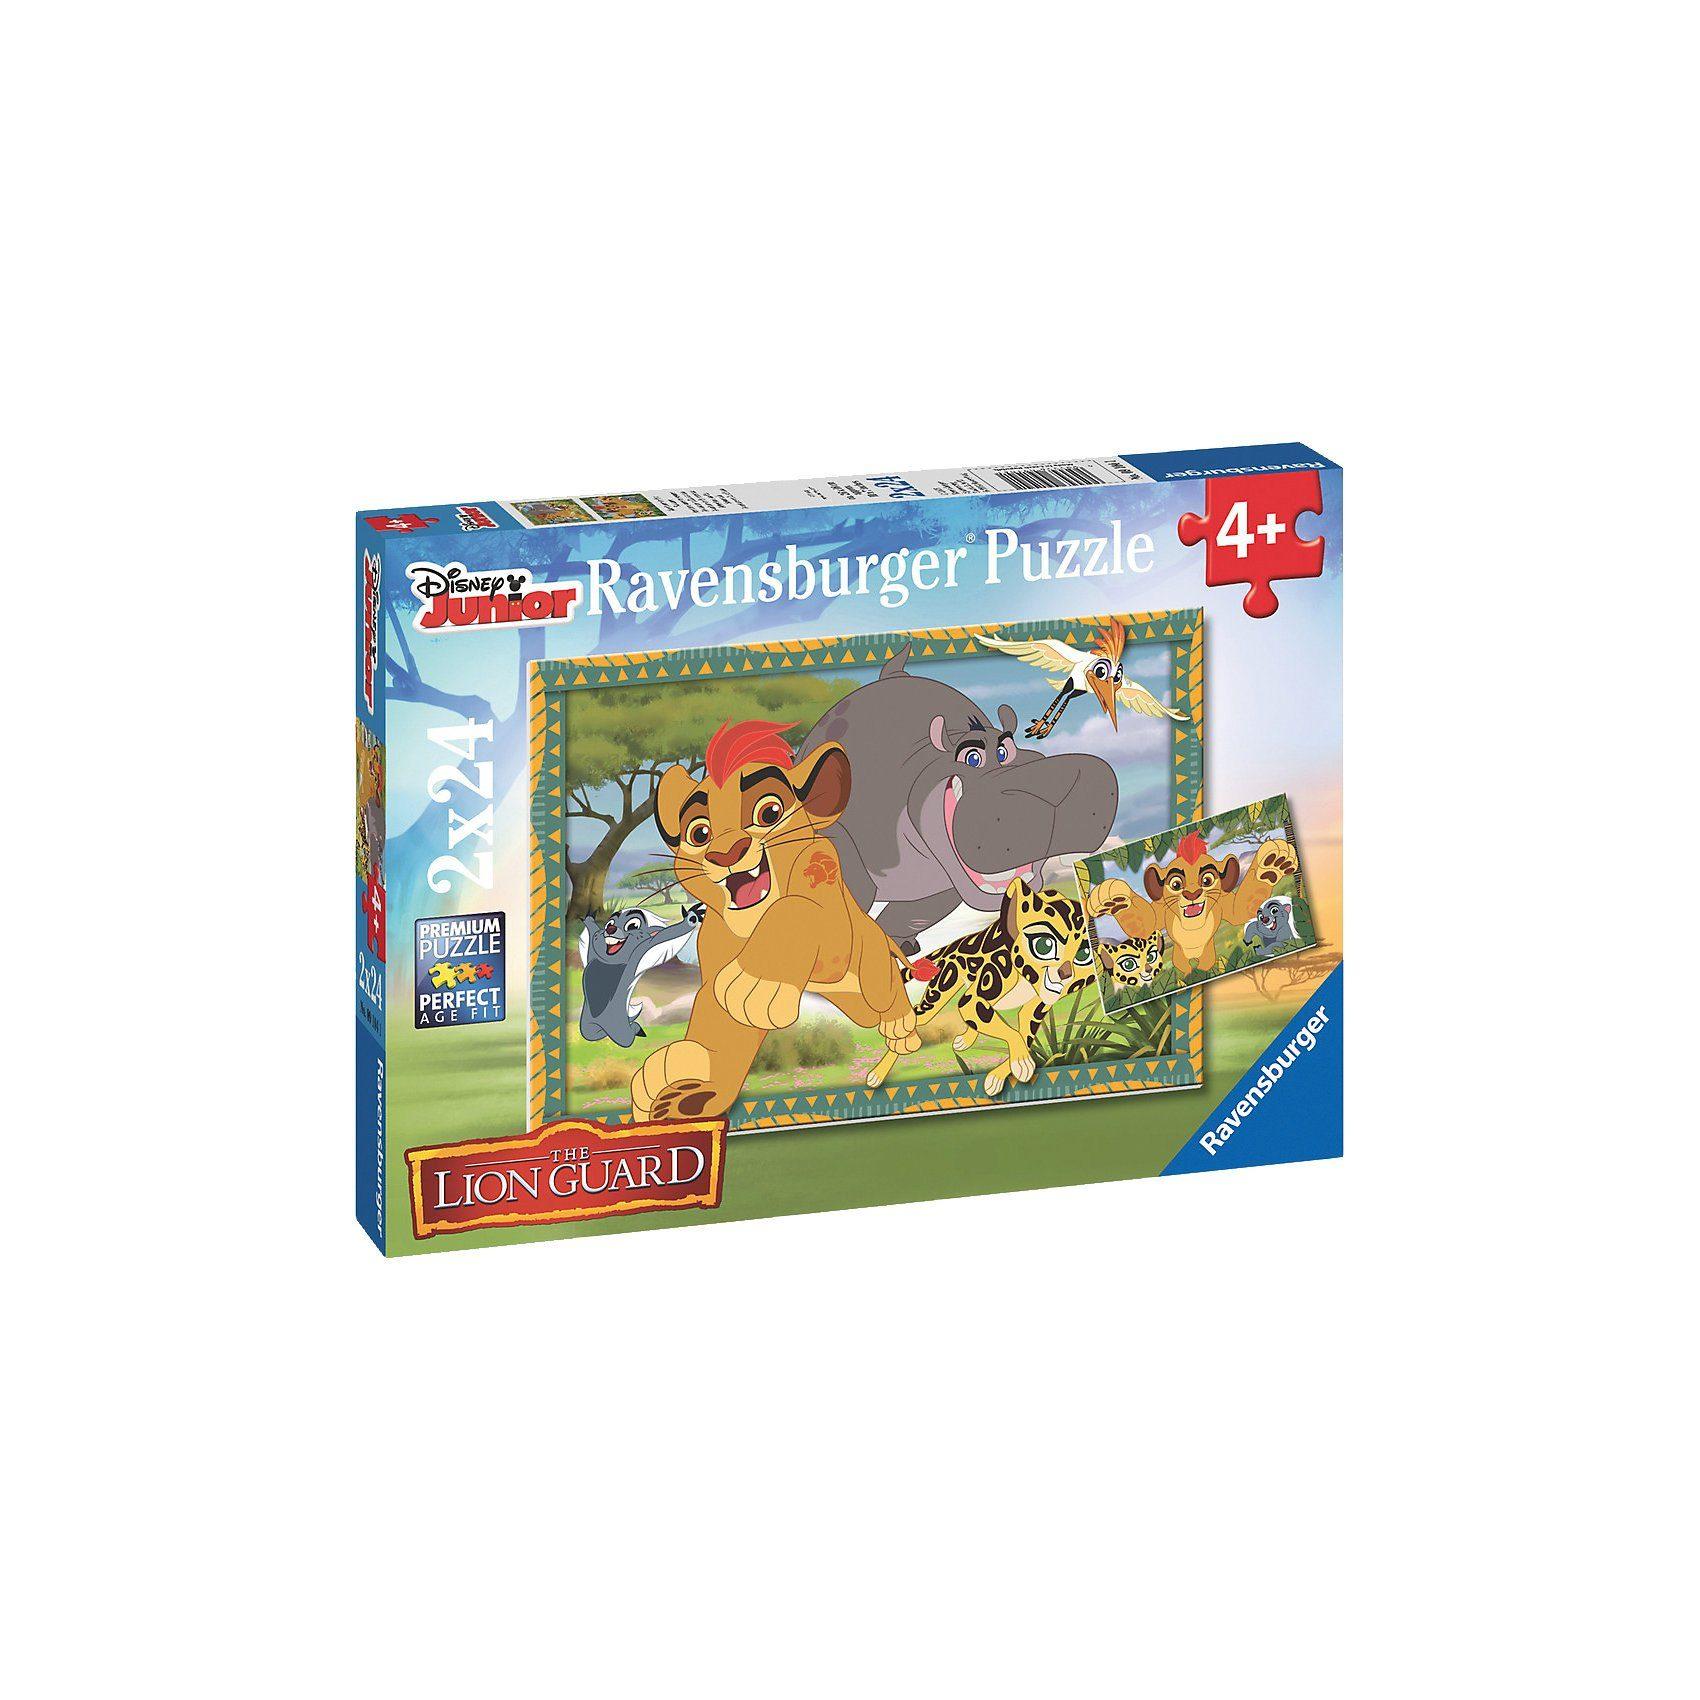 Ravensburger Puzzle Garde der Löwen: Abenteuer in der Savanne 2 x 24 Teil